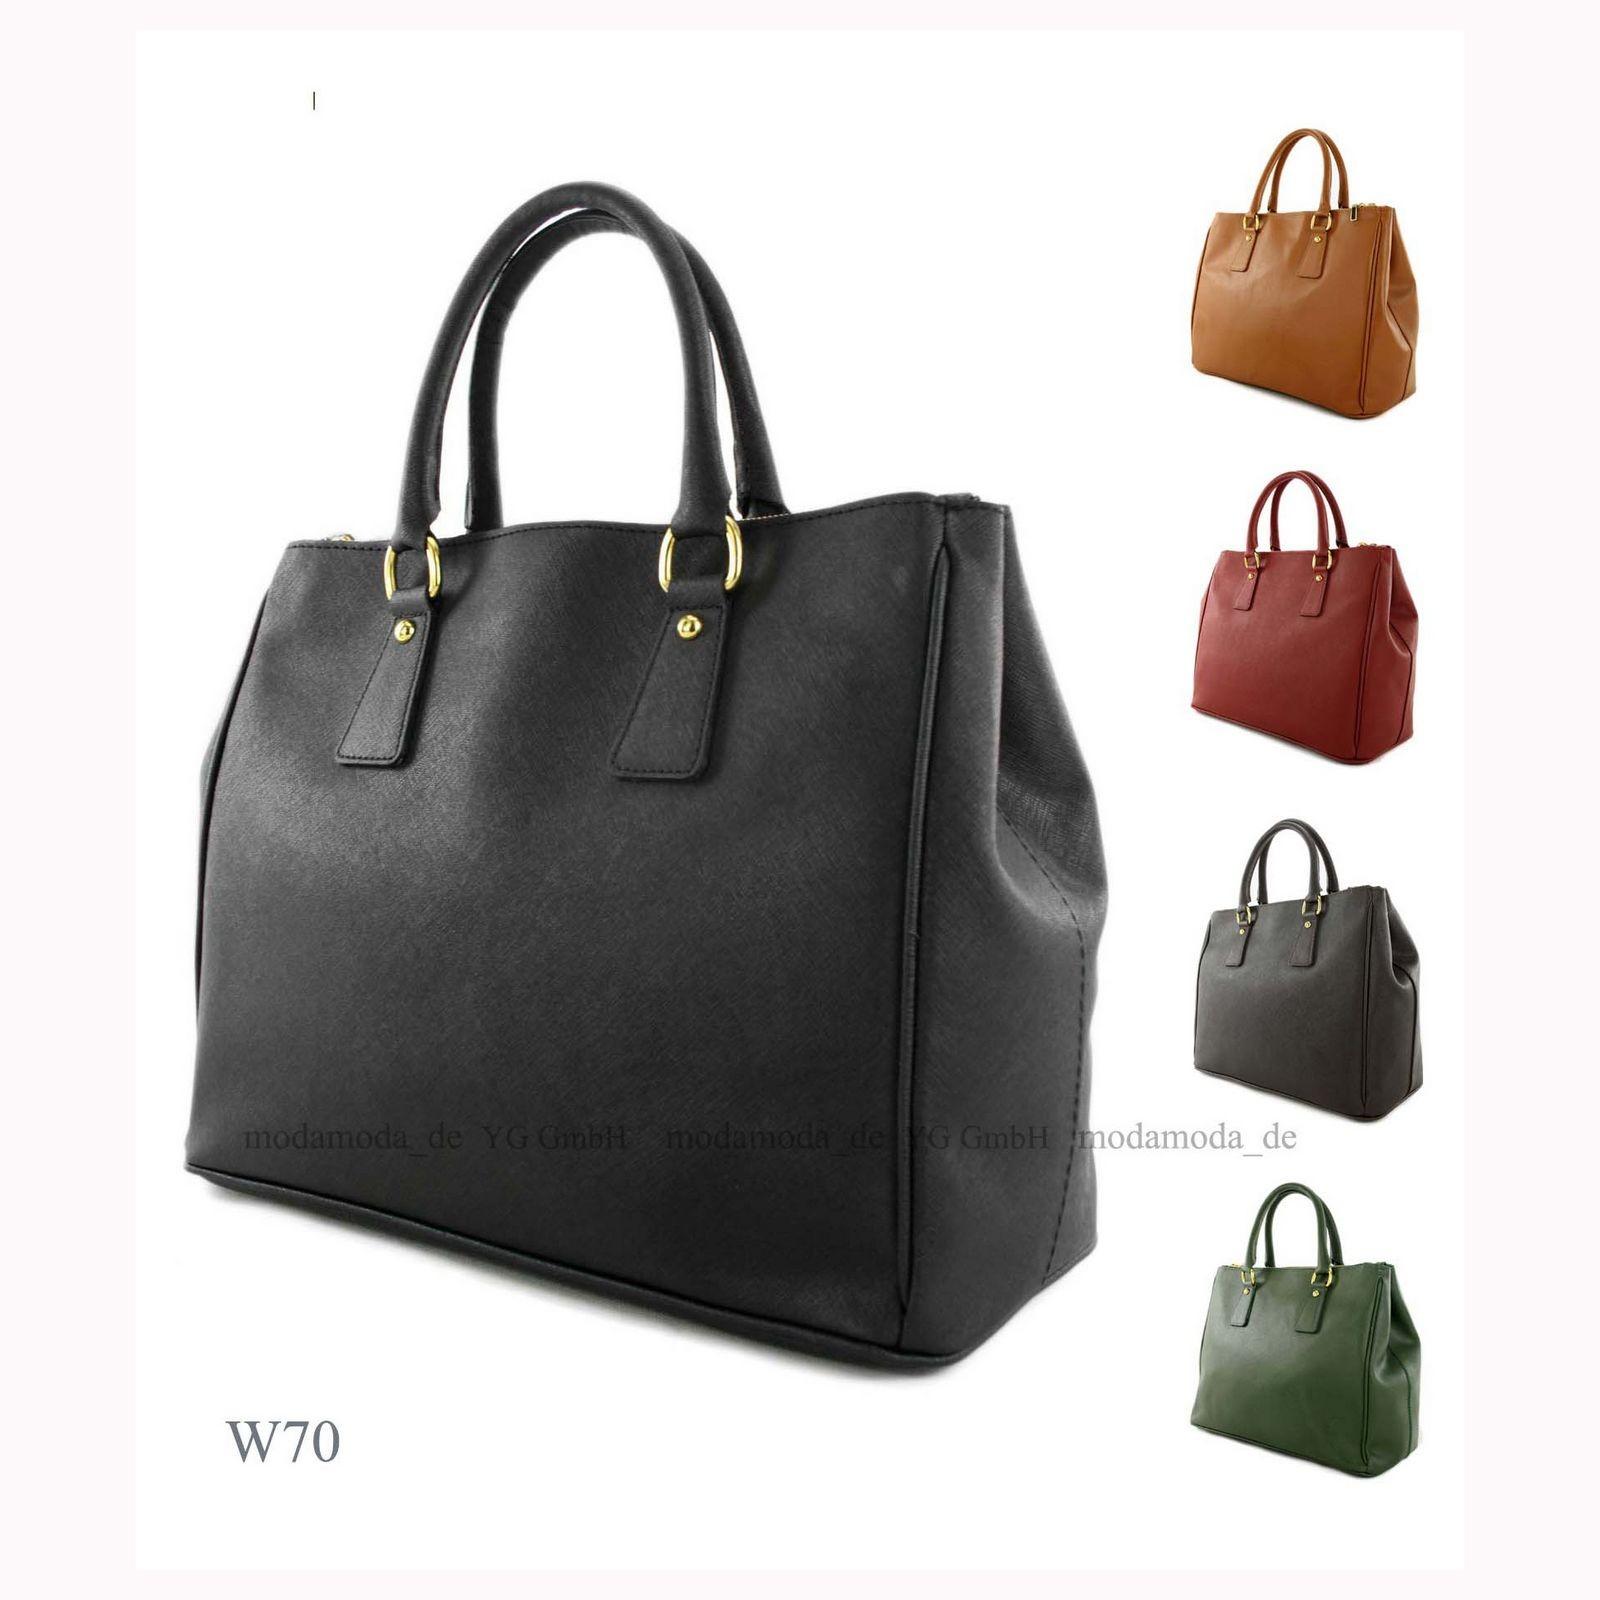 ital handtasche damentasche schultertasche tragetasche. Black Bedroom Furniture Sets. Home Design Ideas